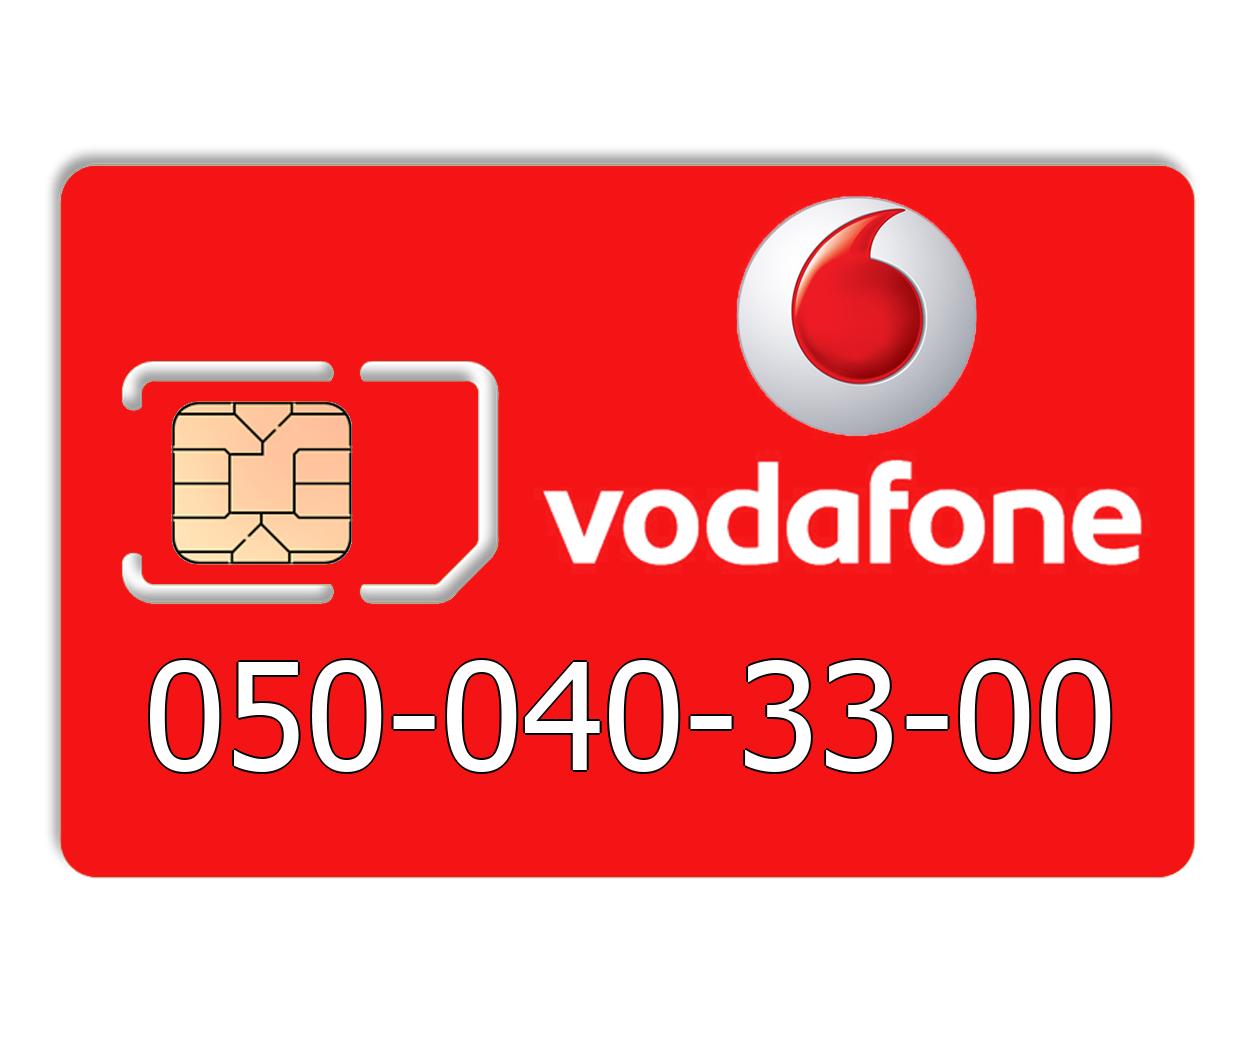 Красивый номер Vodafone 050-040-33-00